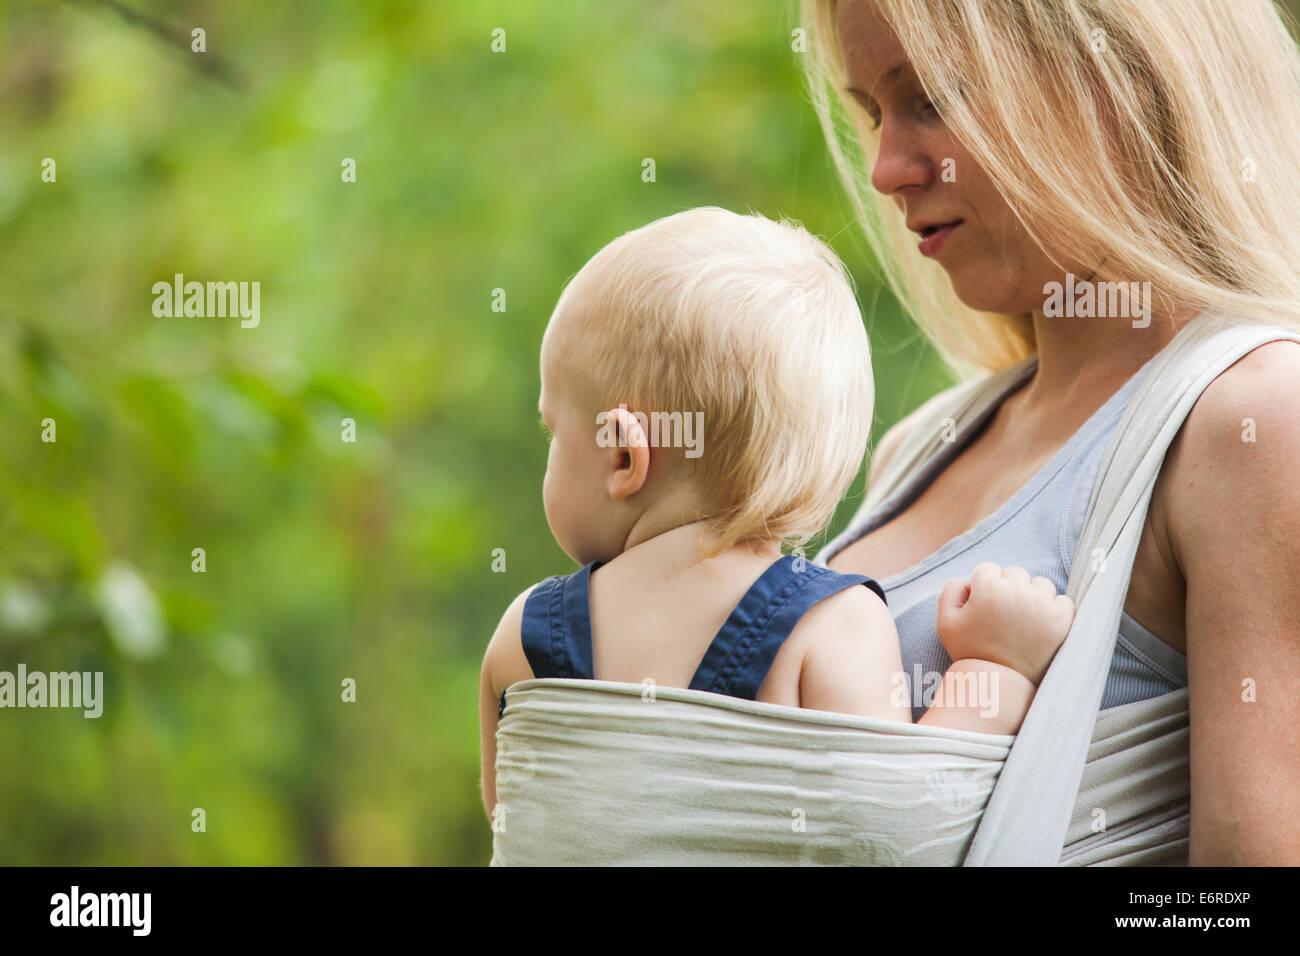 La madre sta portando il suo bambino e a piedi. Nella Baby Sling all'aperto. Immagini Stock